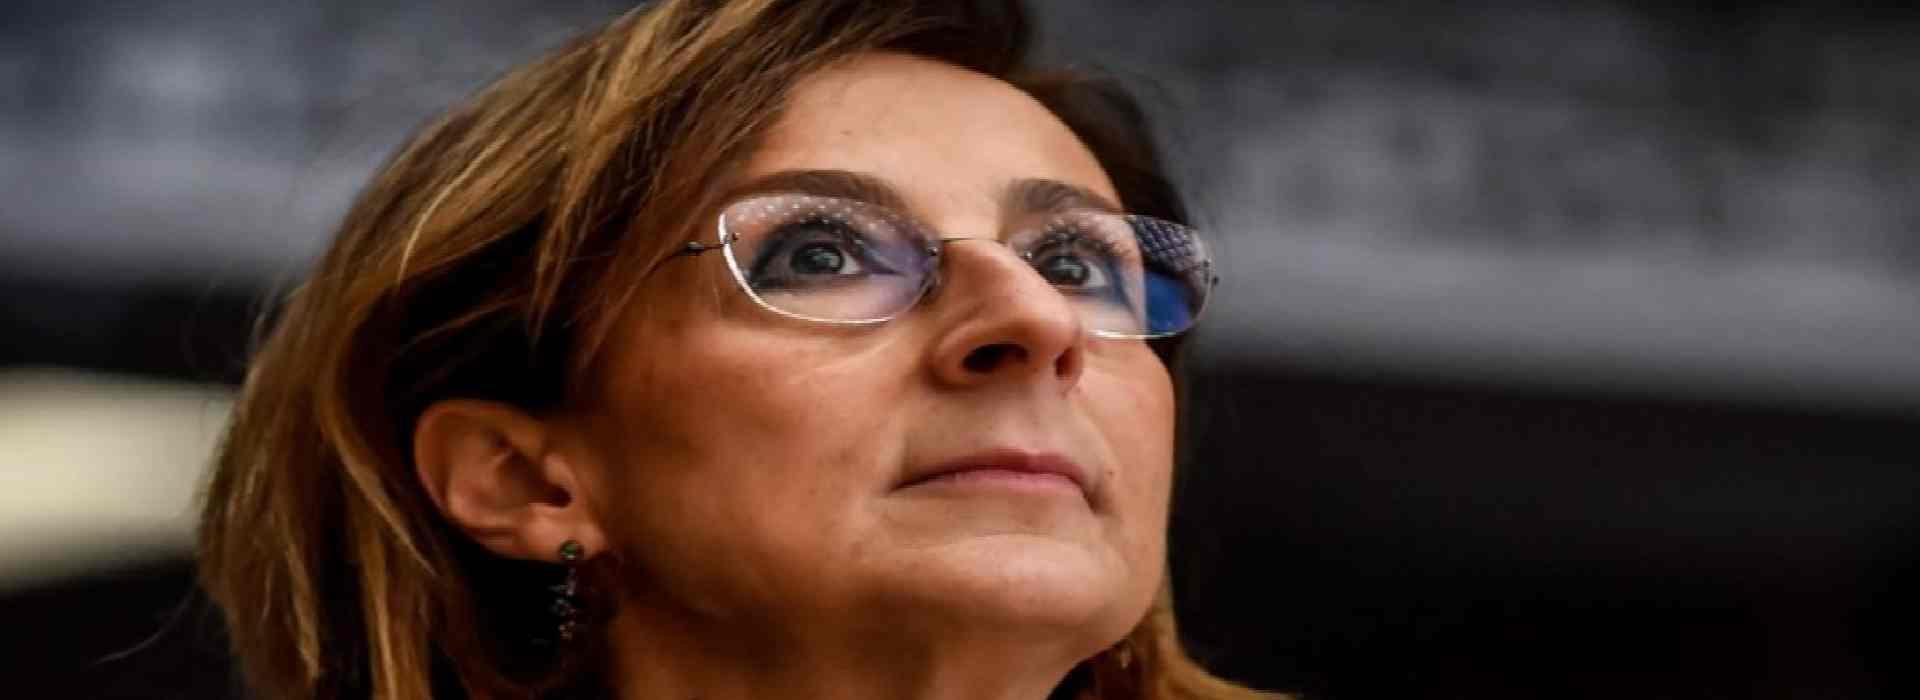 Prozzo e Romandini: i casi dei giudici in conflitto d'interessi raccontati da Zone d'Ombra Tv oggetto di una interrogazione parlamentare al ministro della Giustizia